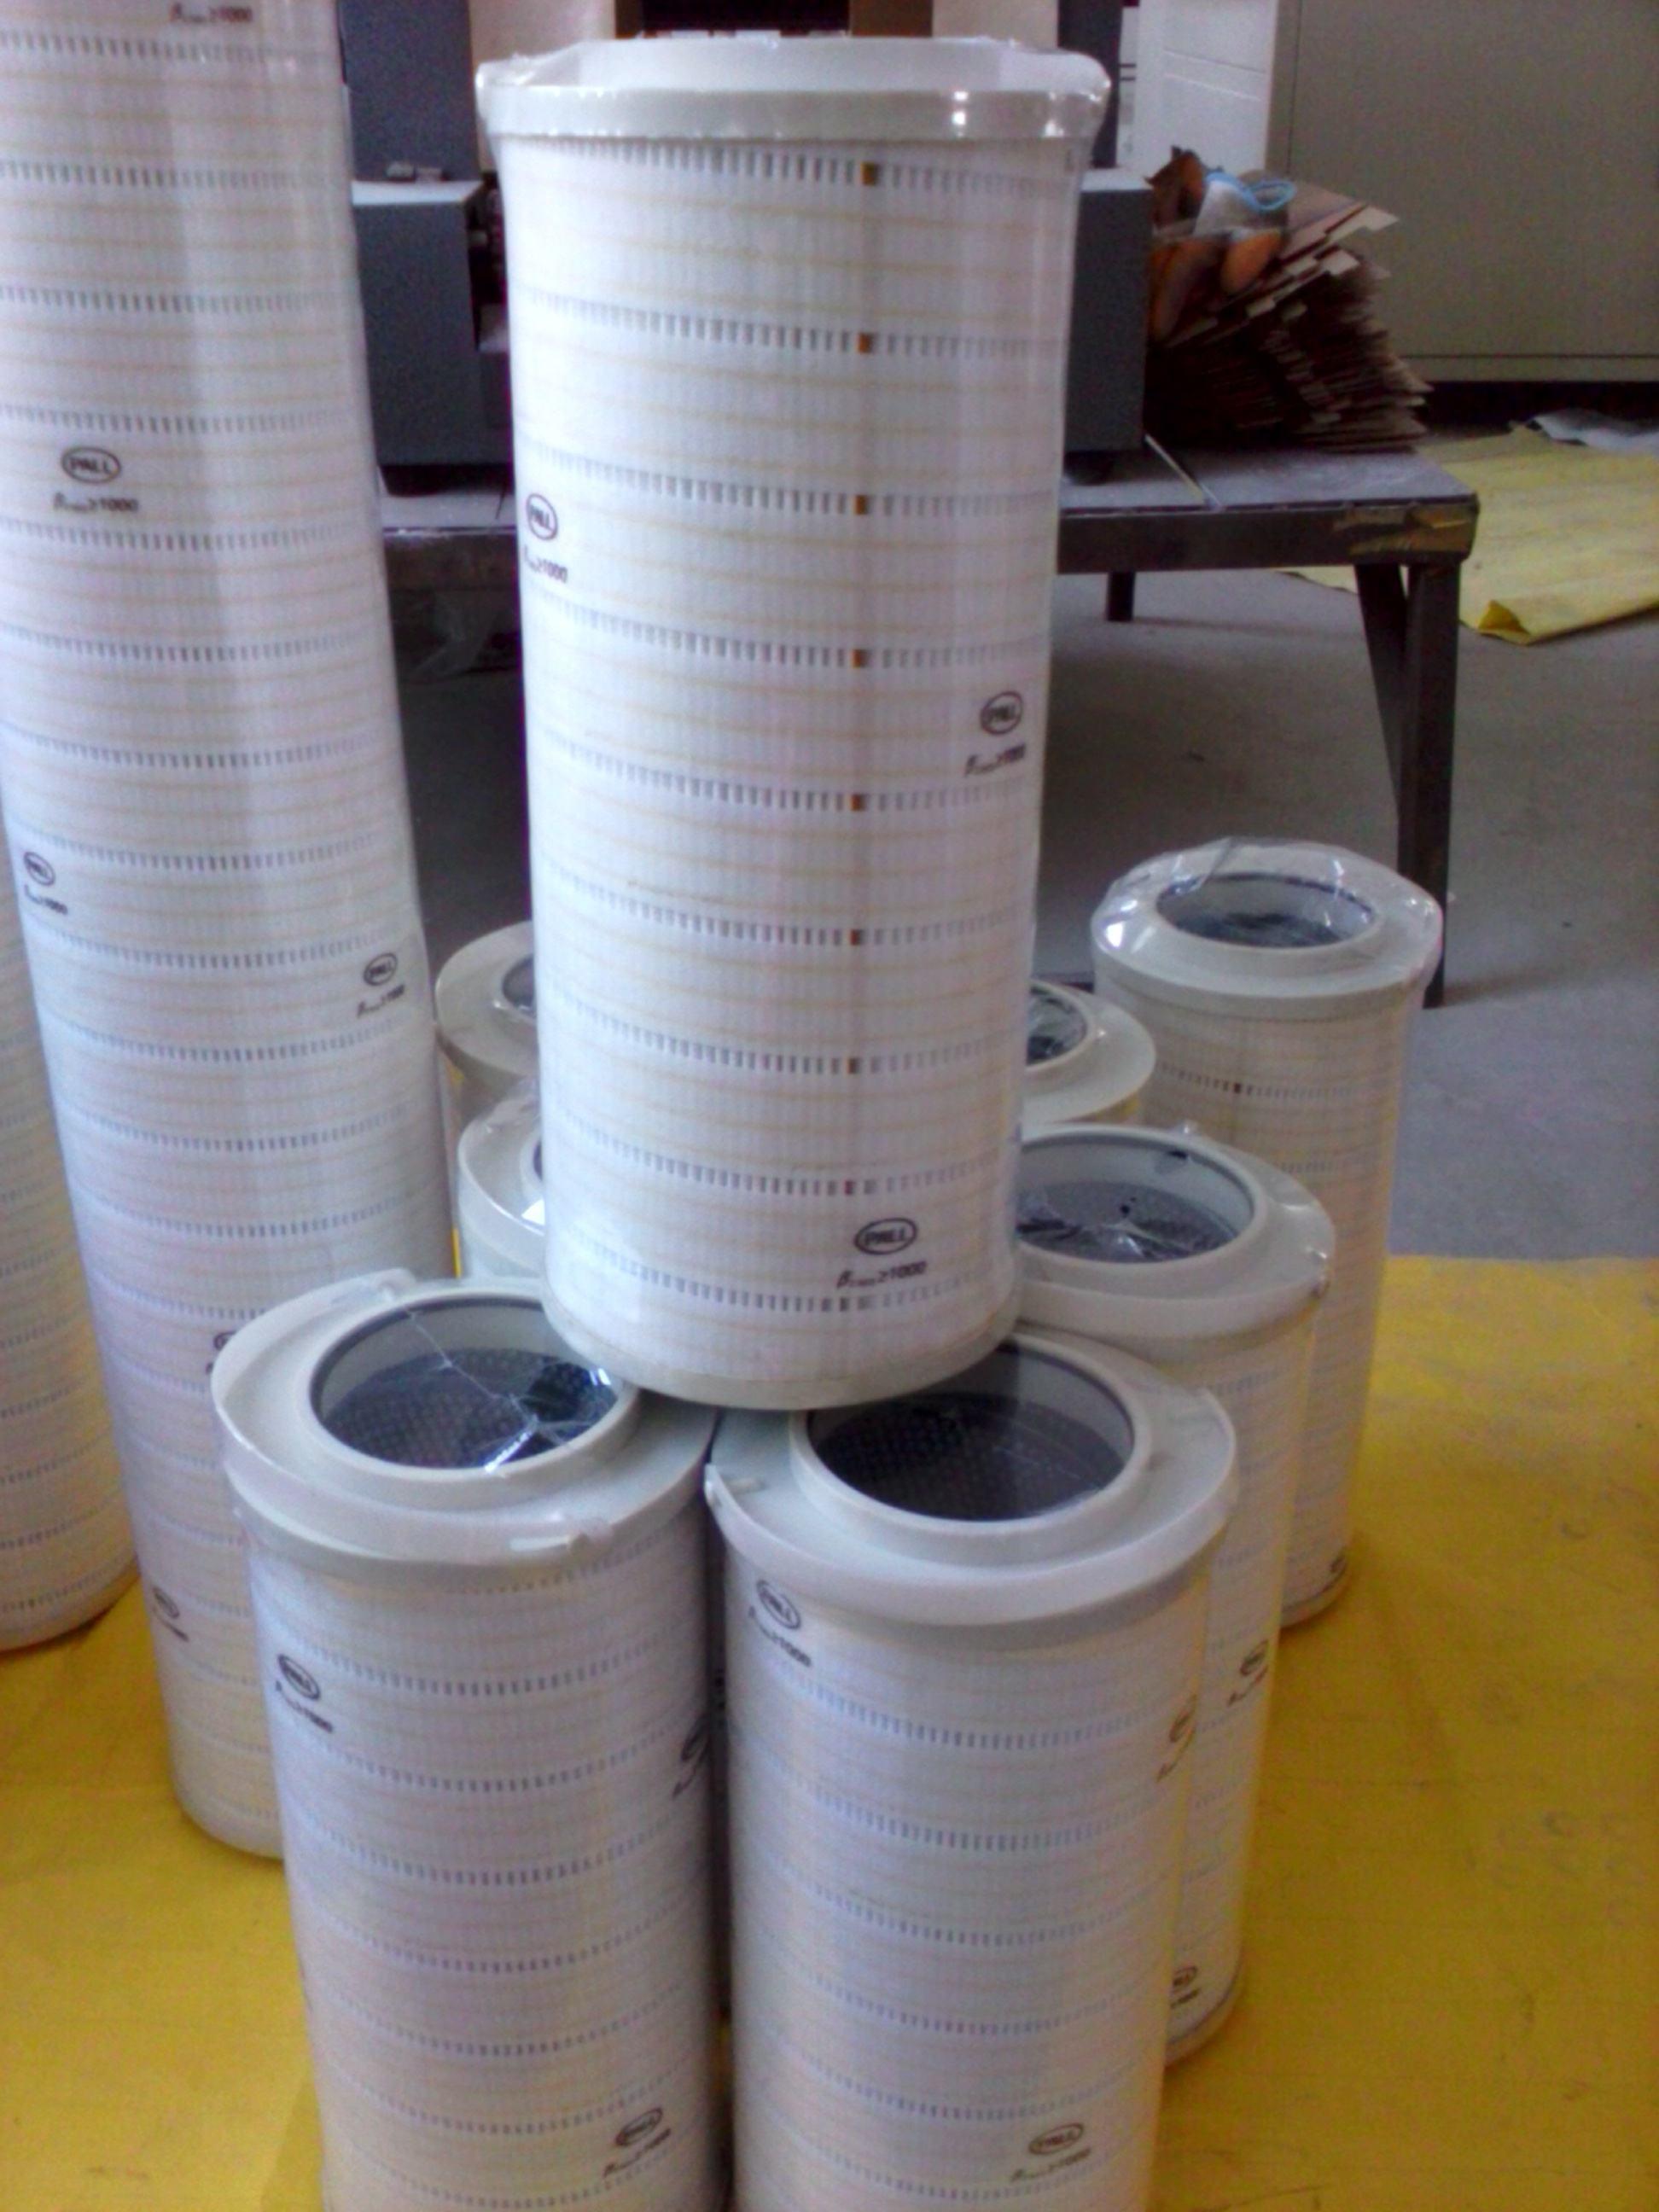 颇尔滤芯 颇尔滤芯HC2206FKN6H上海滤芯,联系电话生产厂家